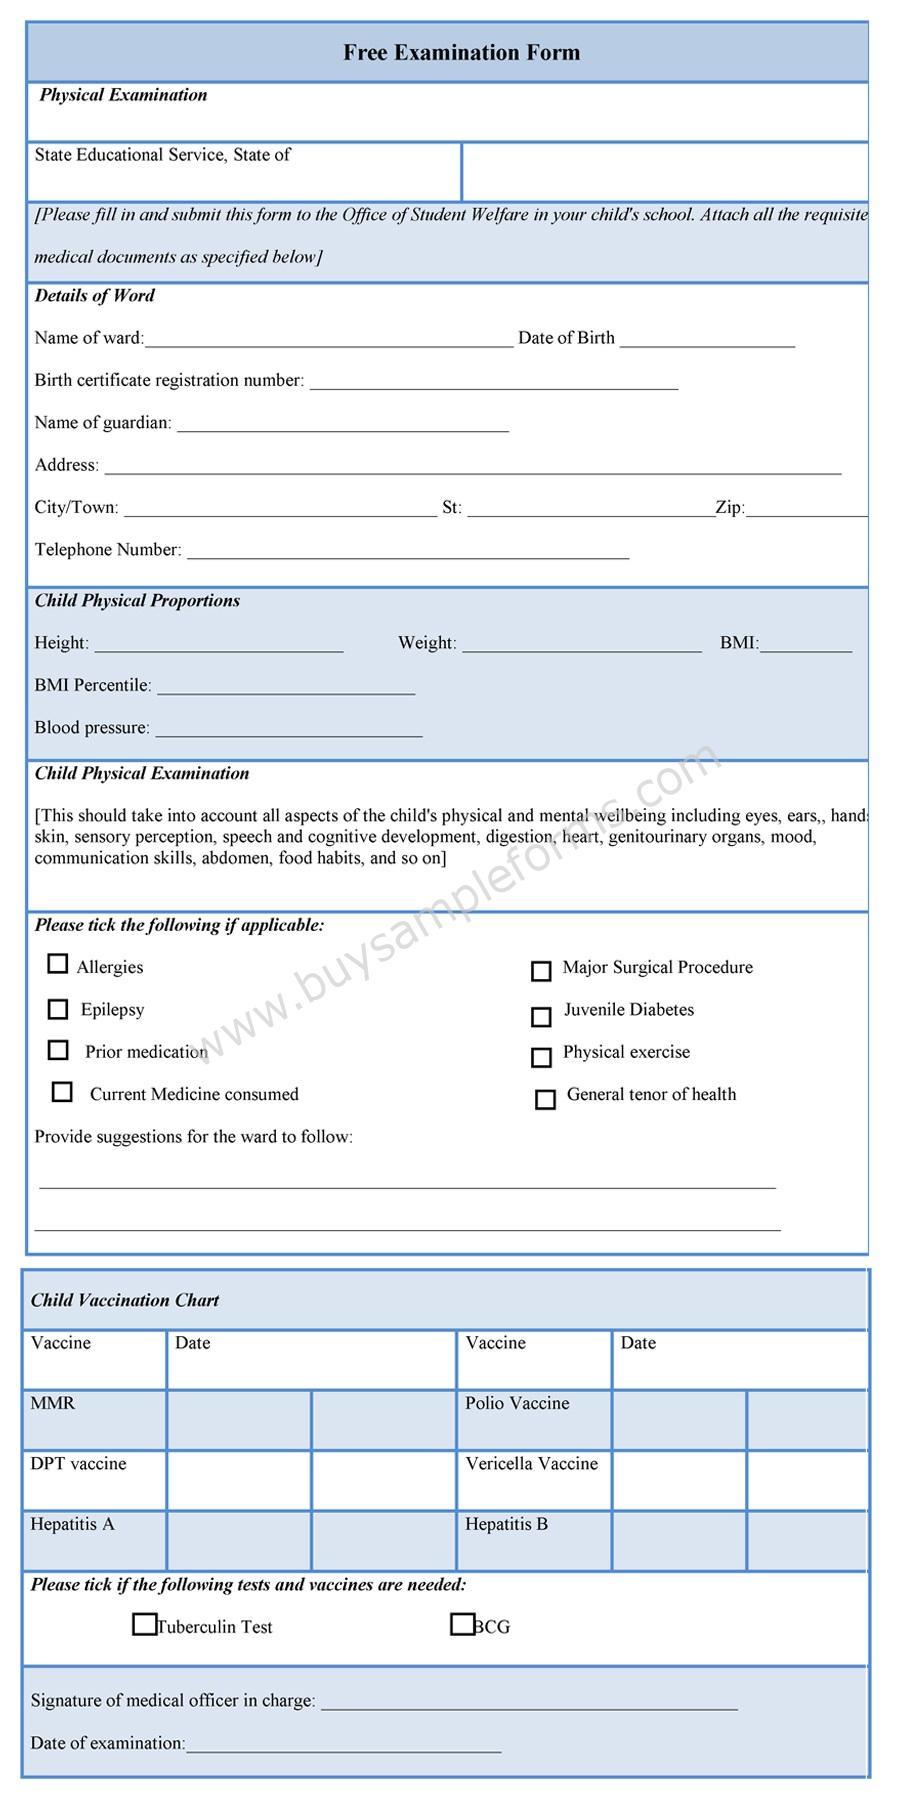 free examination form